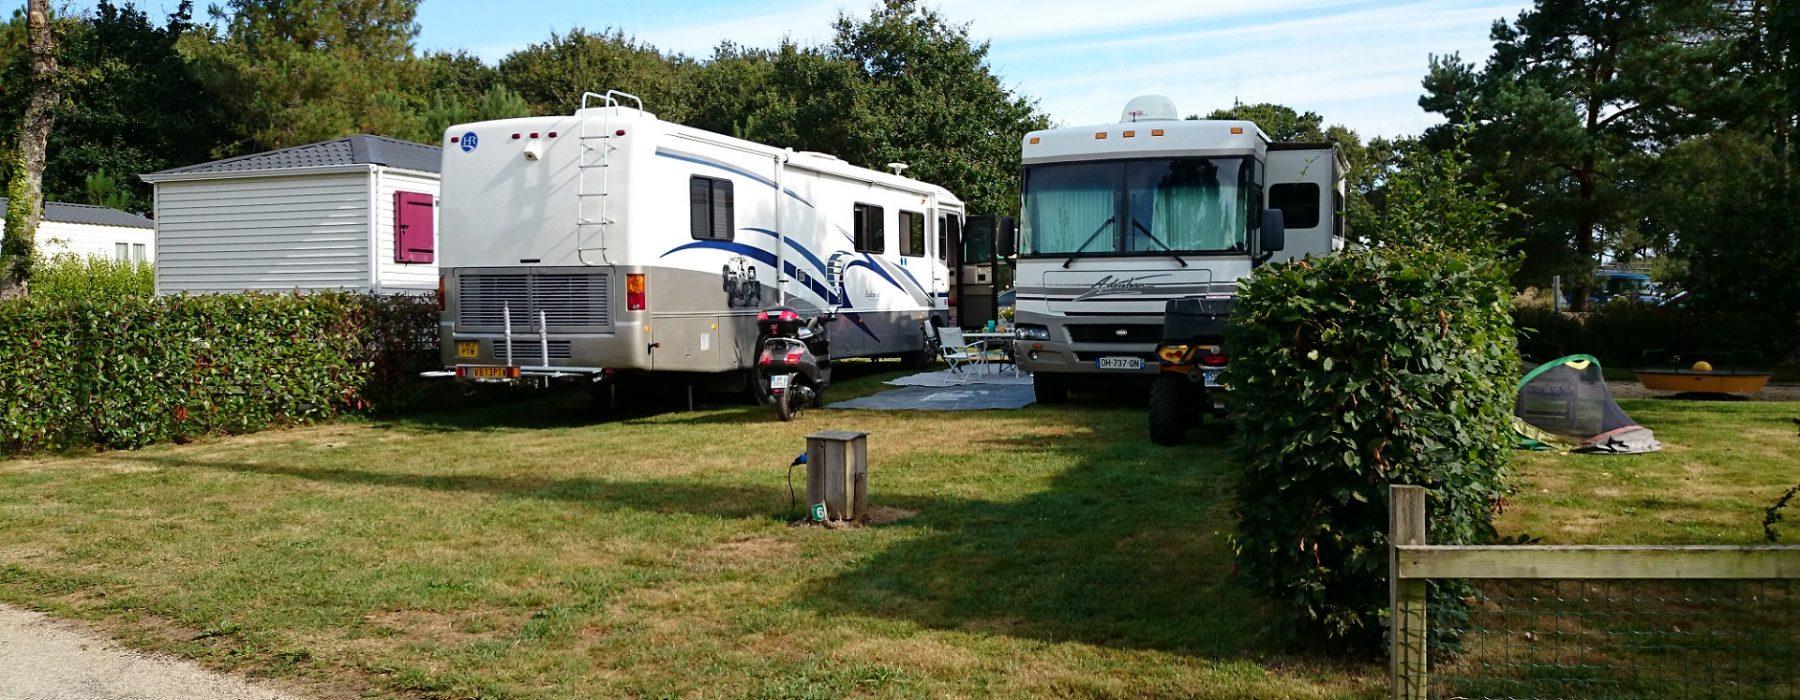 emplacement camping car morbihan